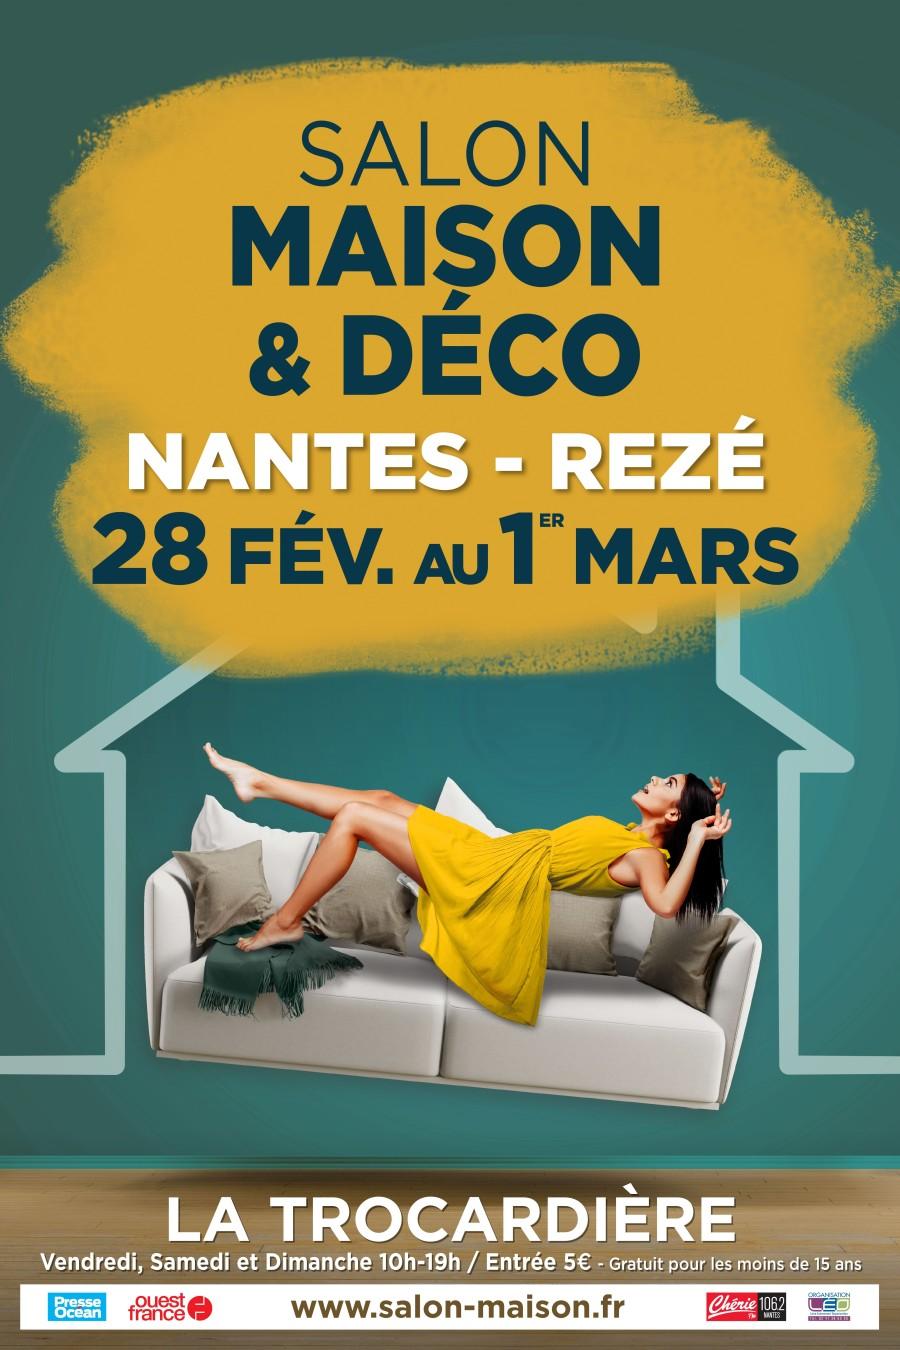 Nouveau en ce début d'année 2020! présence au salon Maison & Déco du 28 fév. au 1er mars Nantes Rezé La Trocardière